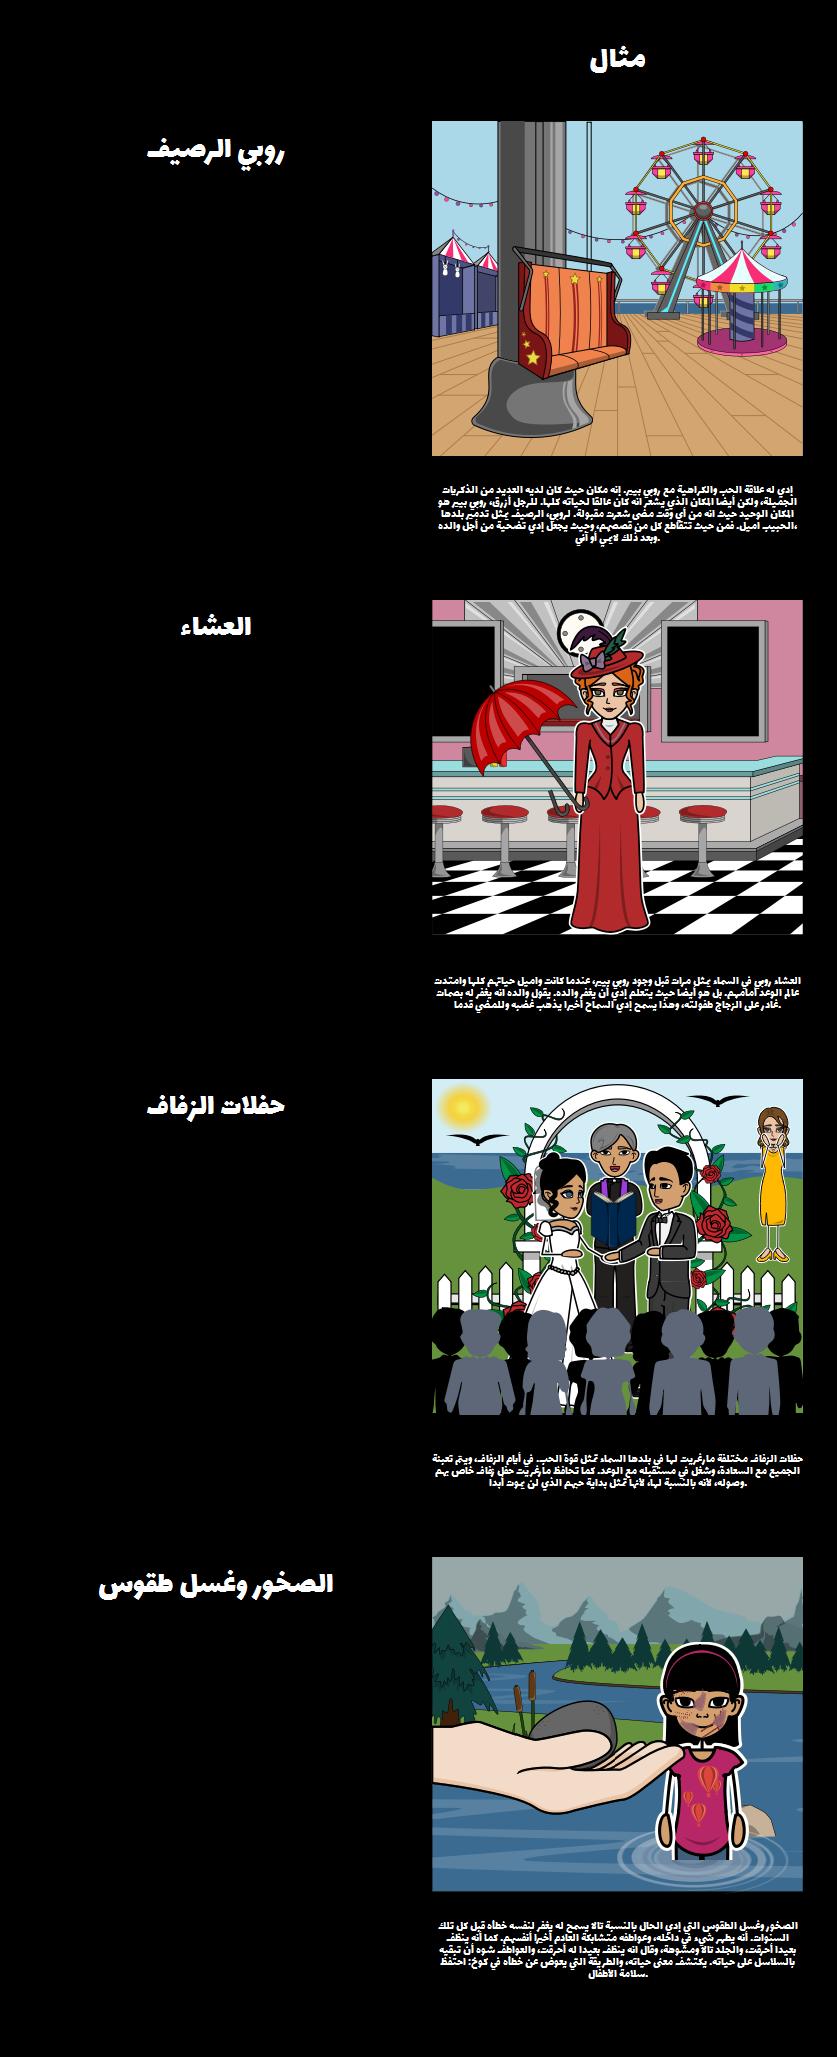 الخمسة الذين تقابلهم في الجنة pdf تحميل